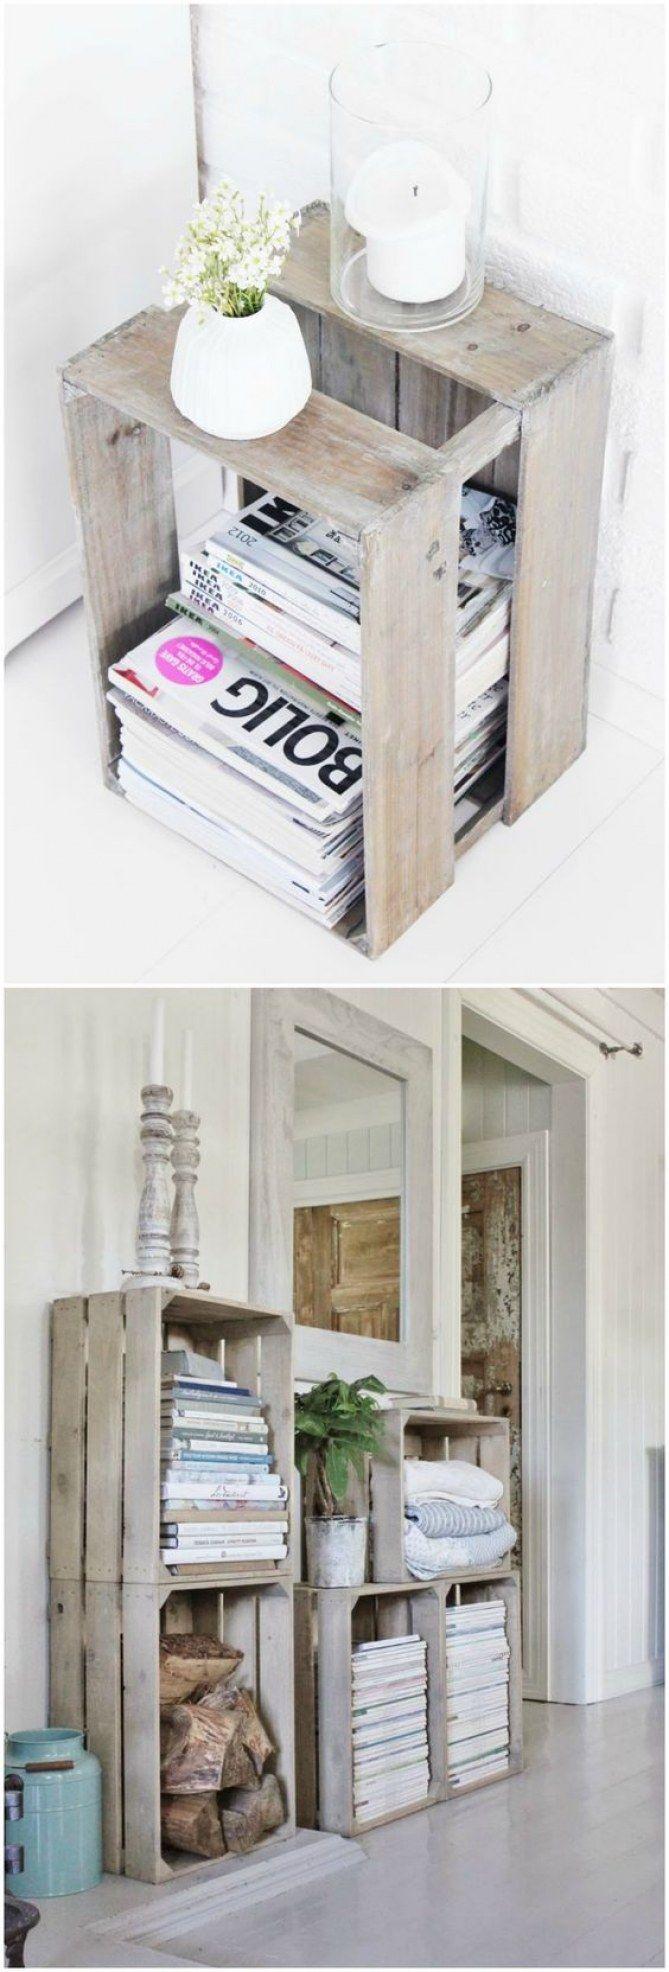 Revisteros originales Ideas para organizar la casa #revistero #deco #almacenaje #orden #organización #espacio #estantería #rústico#madera